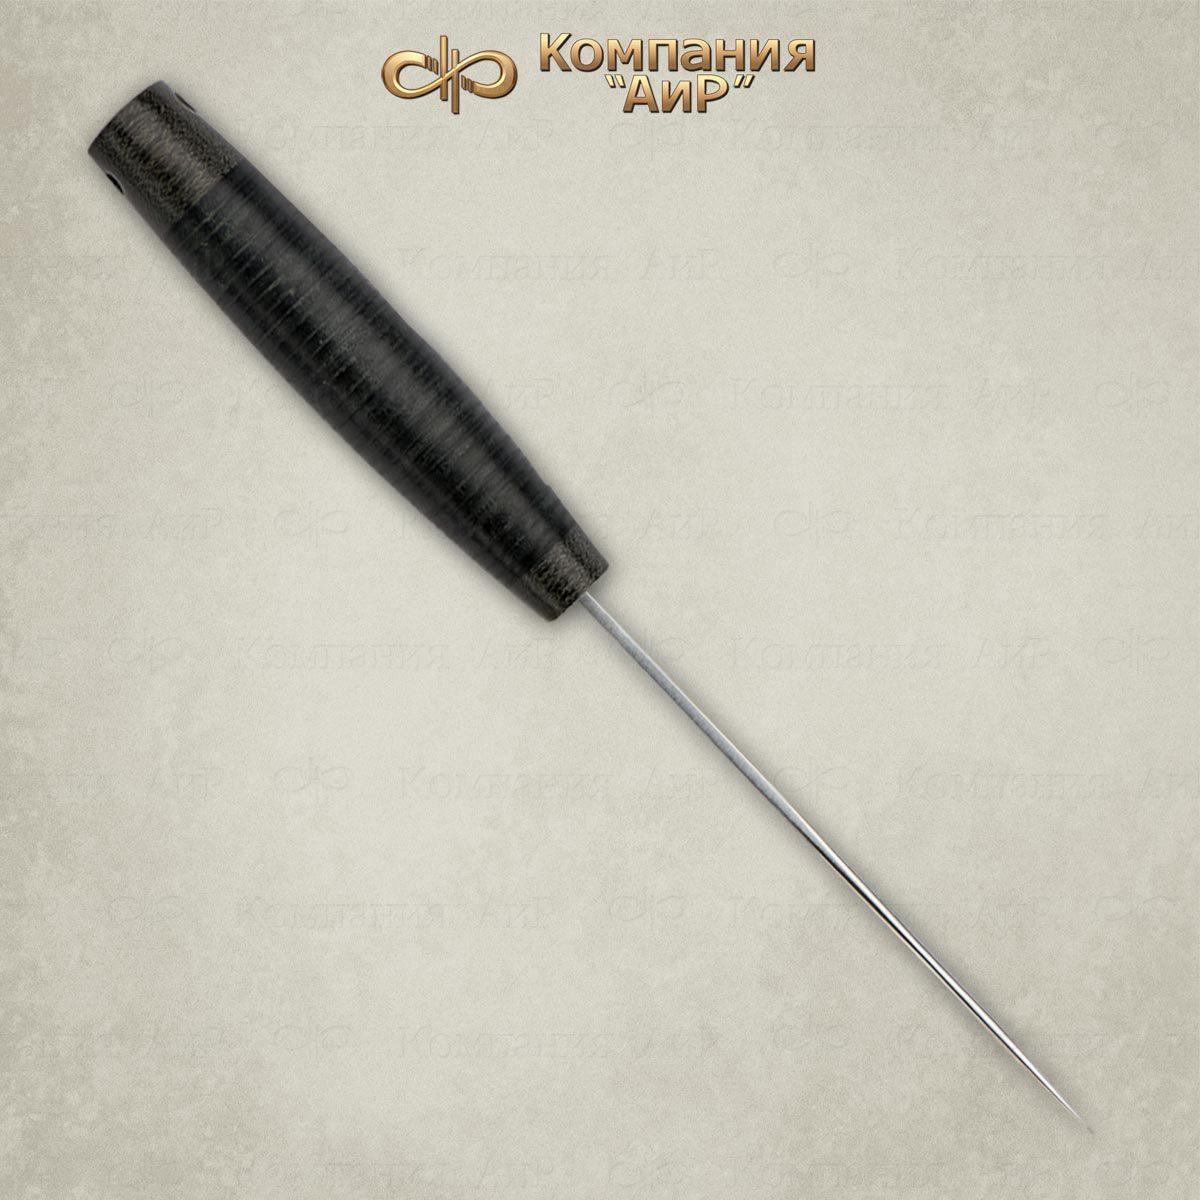 Фото 3 - Нож Пескарь, кожа, 95х18 от АиР